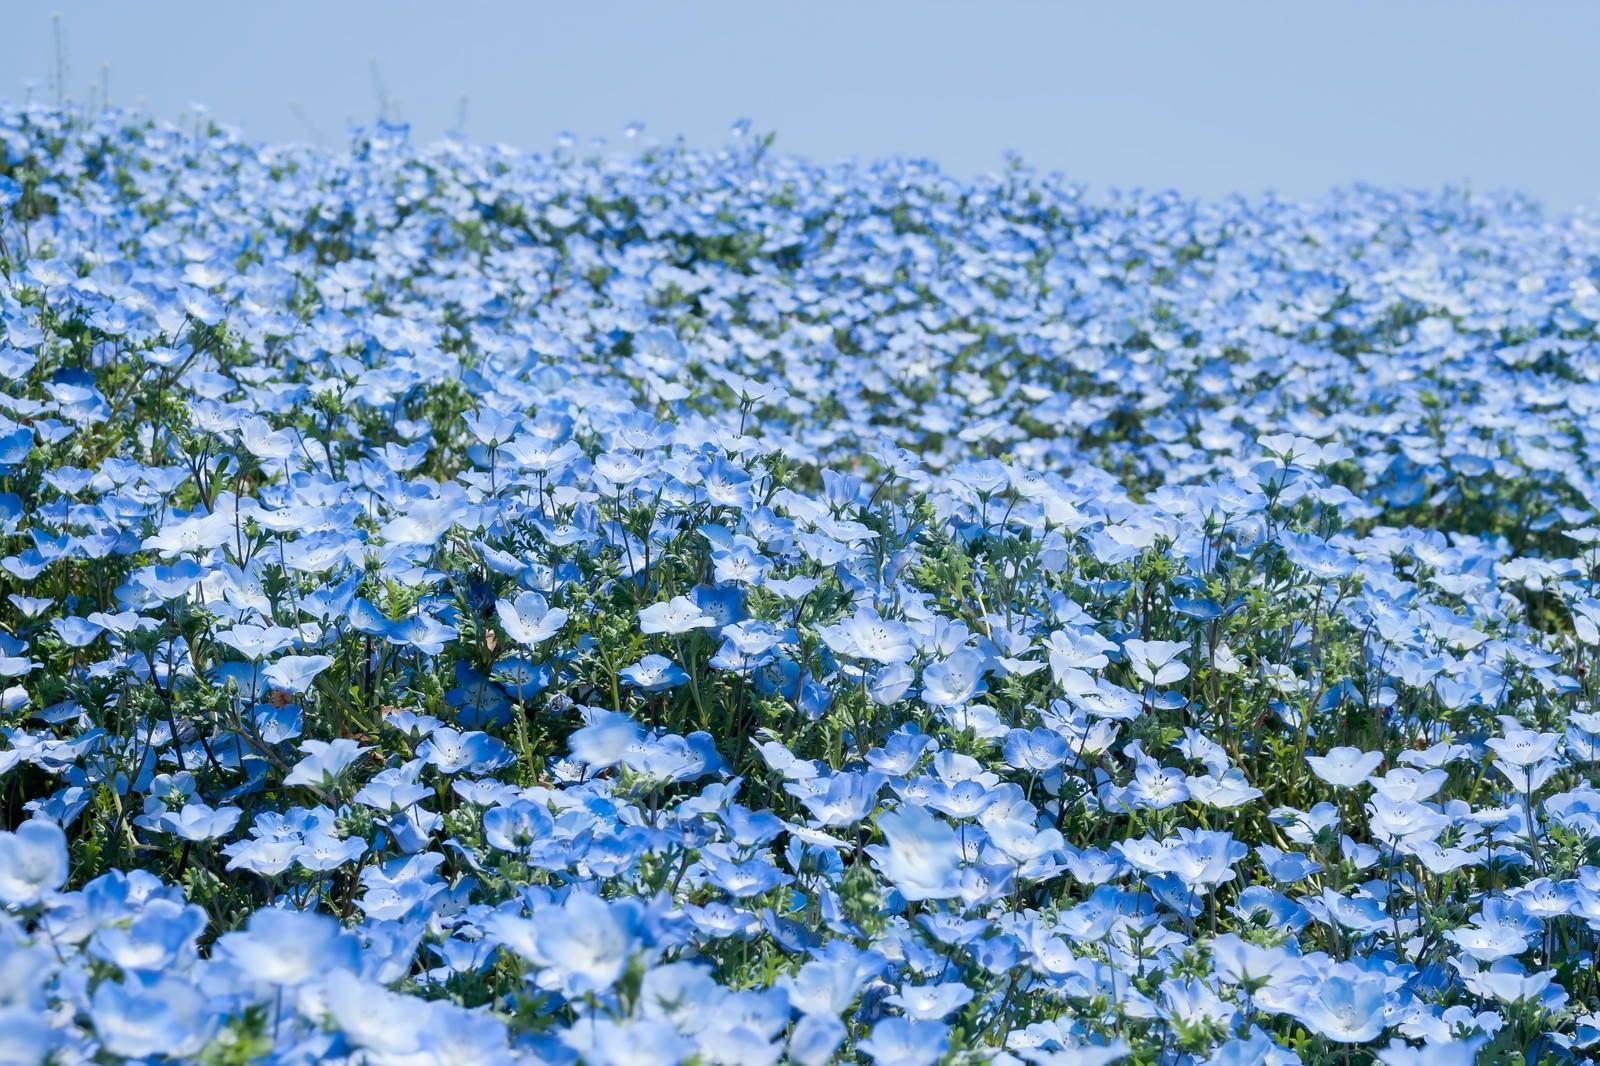 「広がる一面の青い花」の写真